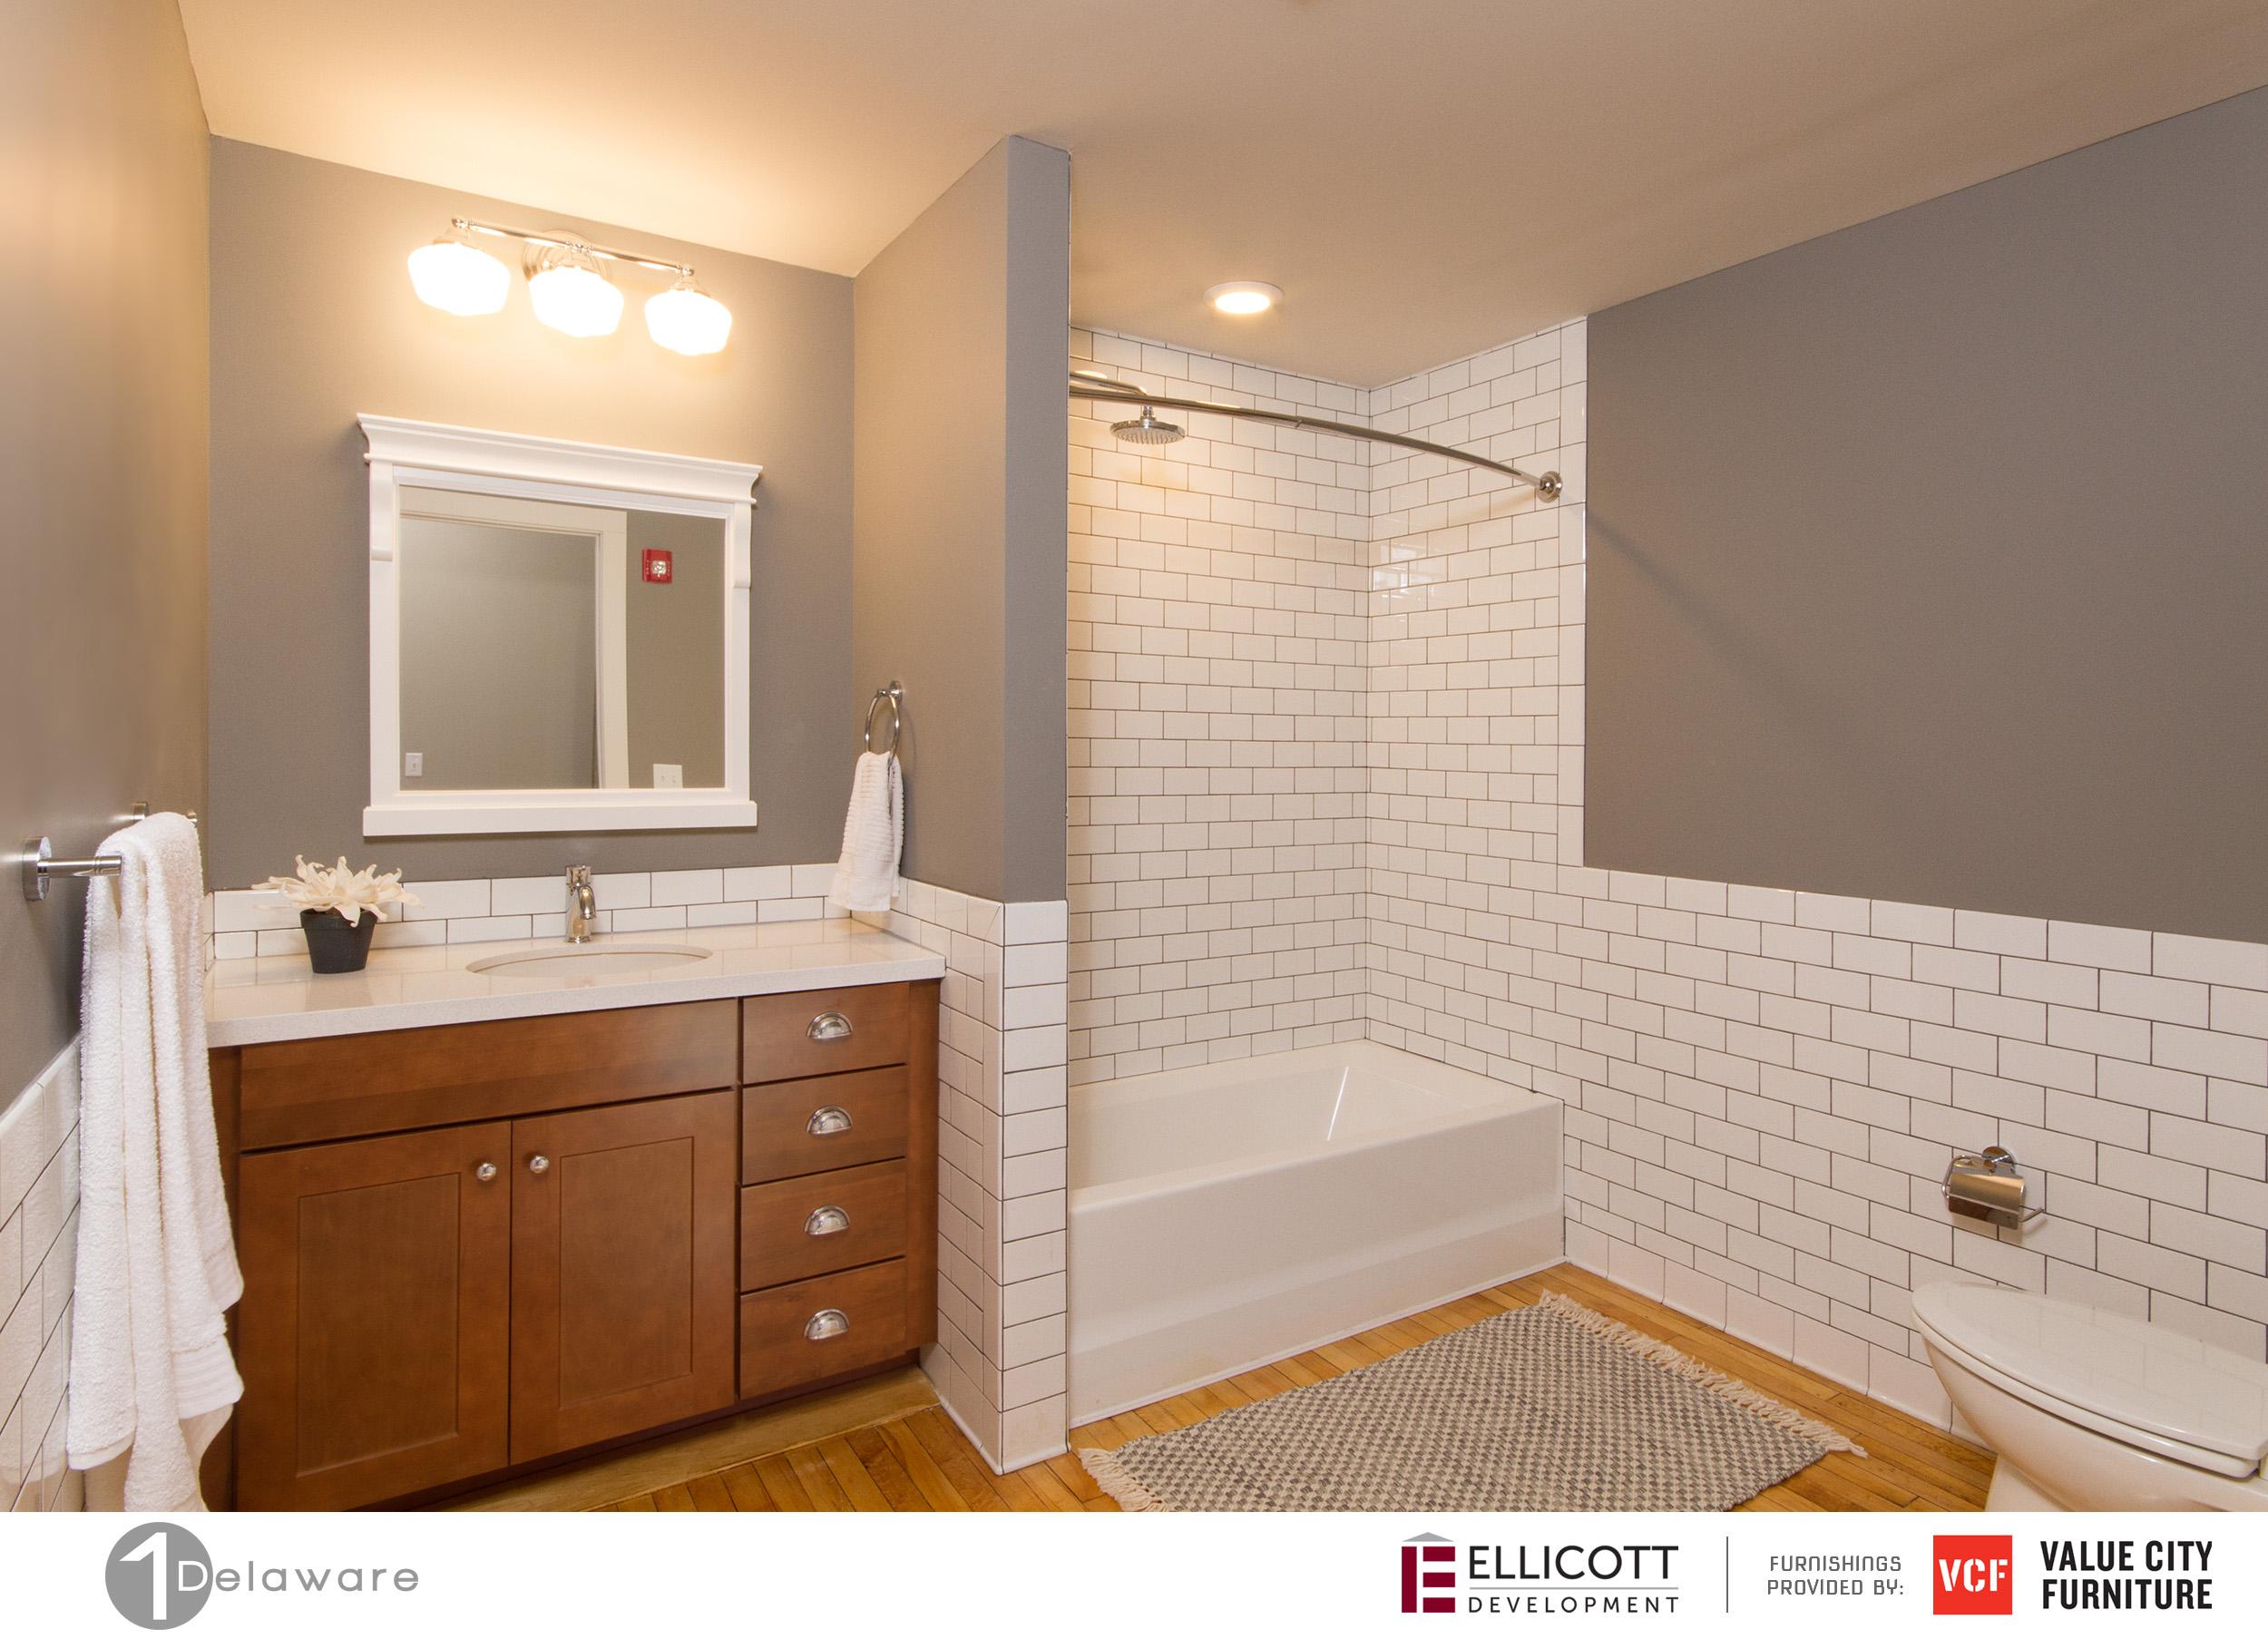 1_Delaware-05-Bathroom.jpg